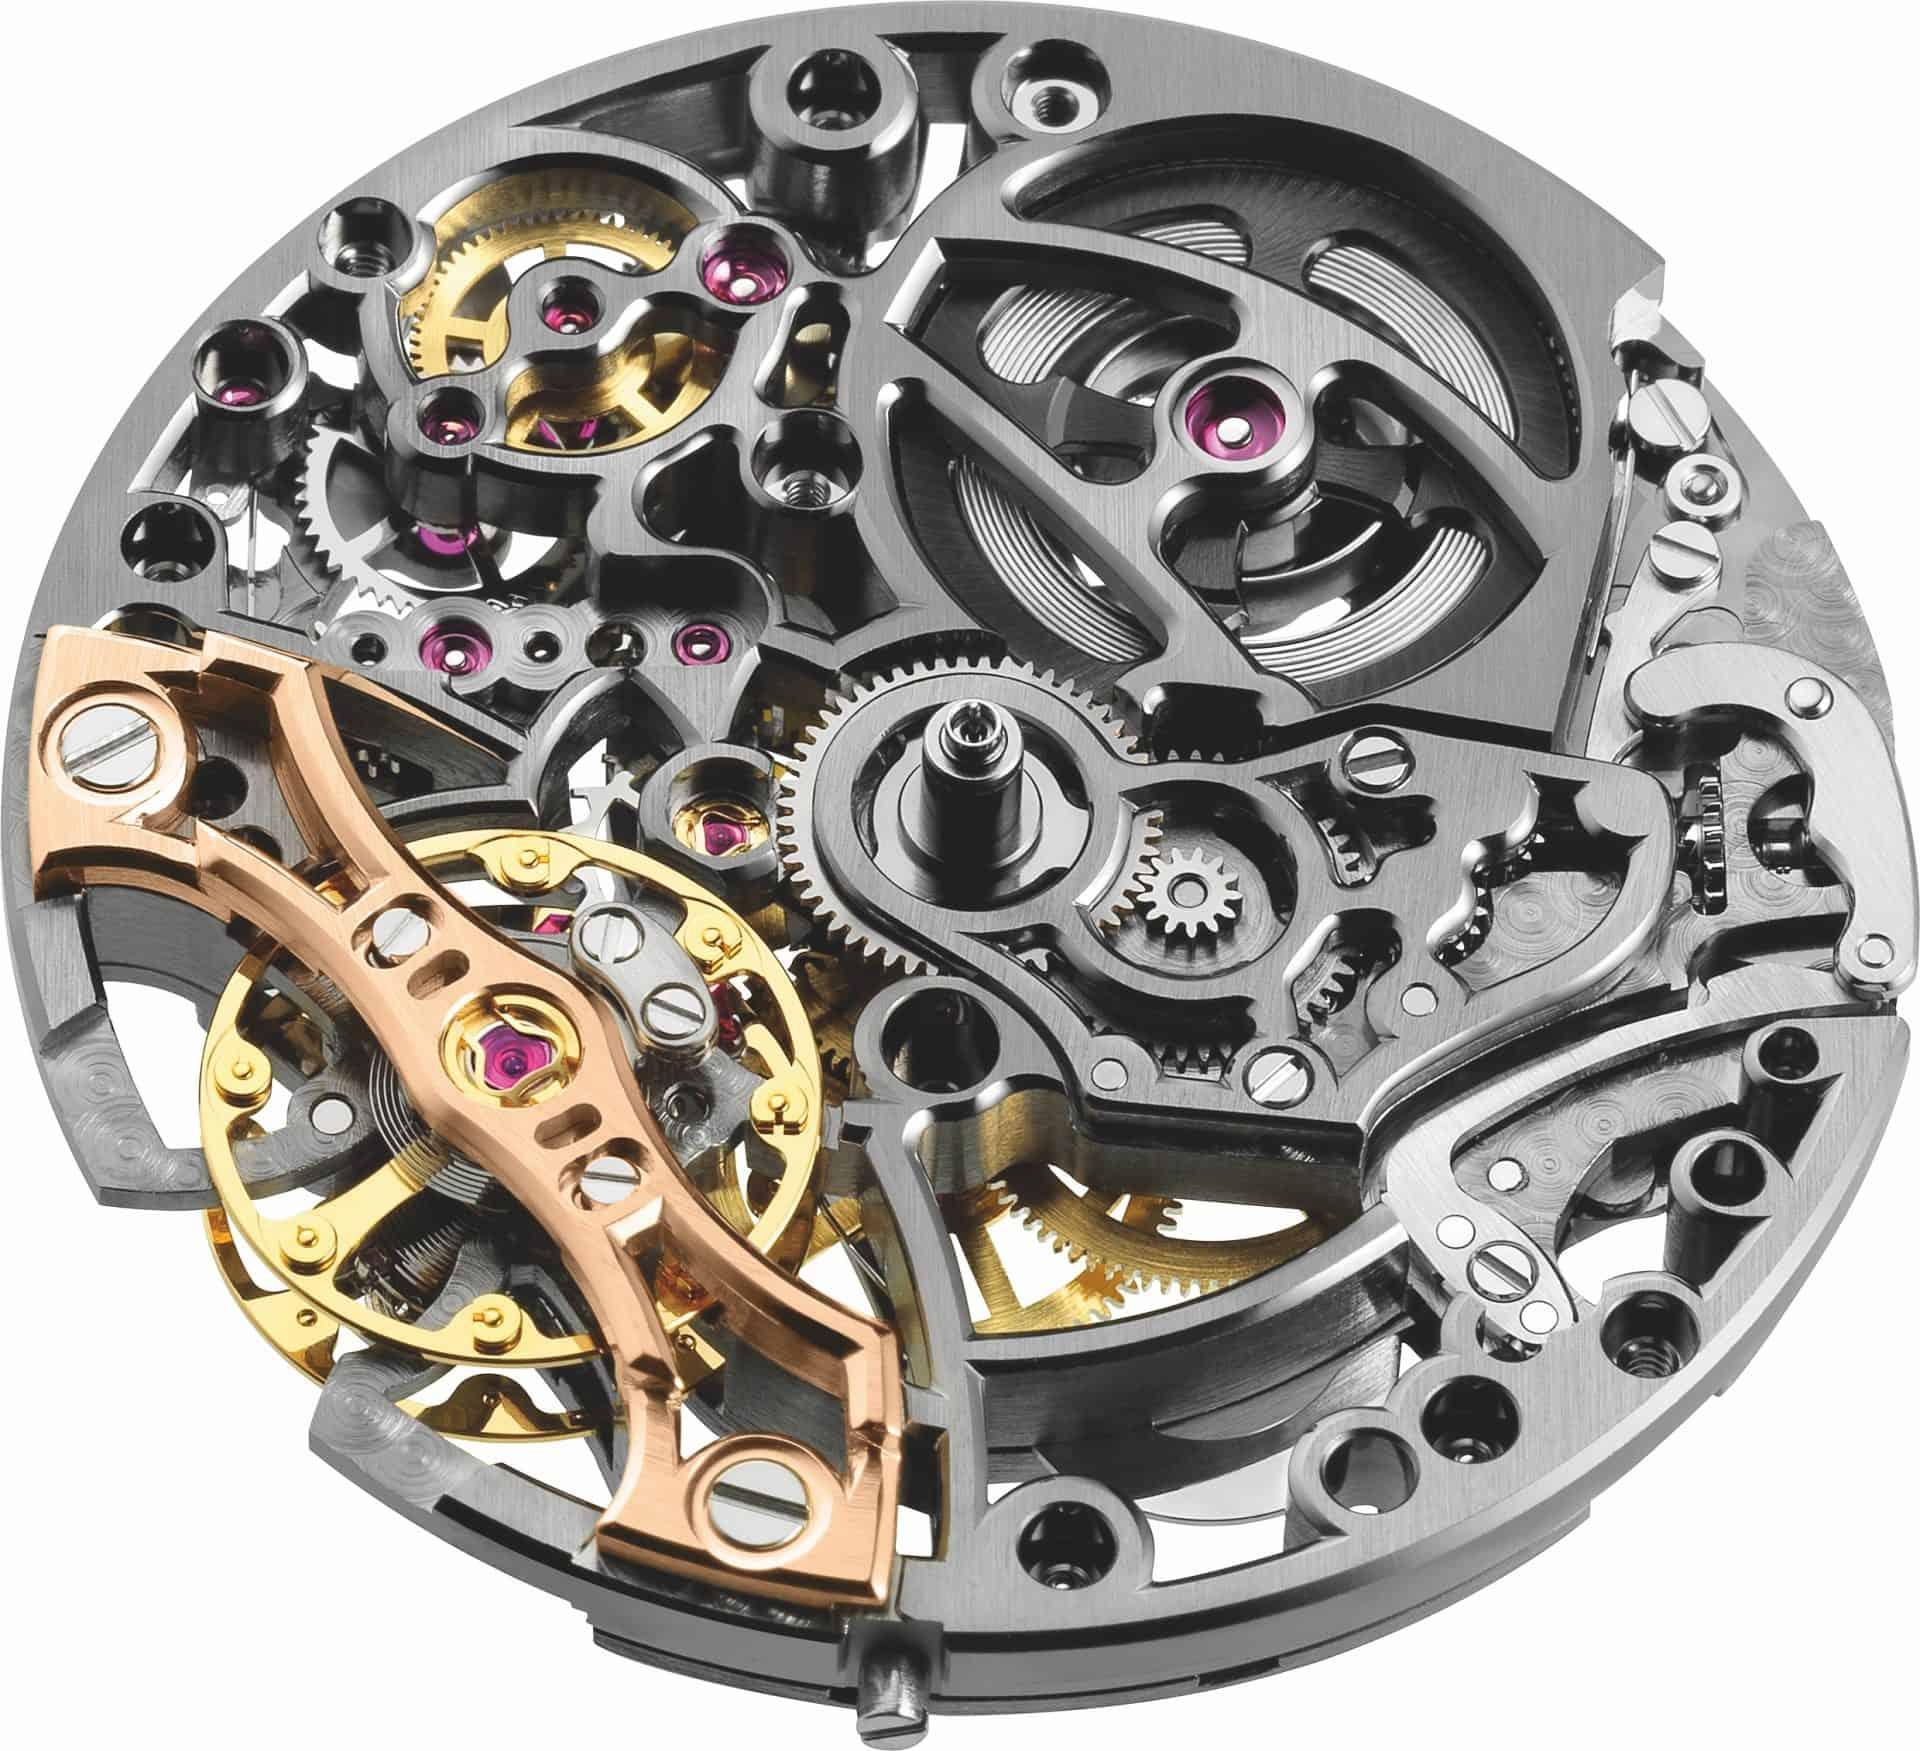 skelettiertes Uhrwerk der Zifferblattseite des Kalibers 3132